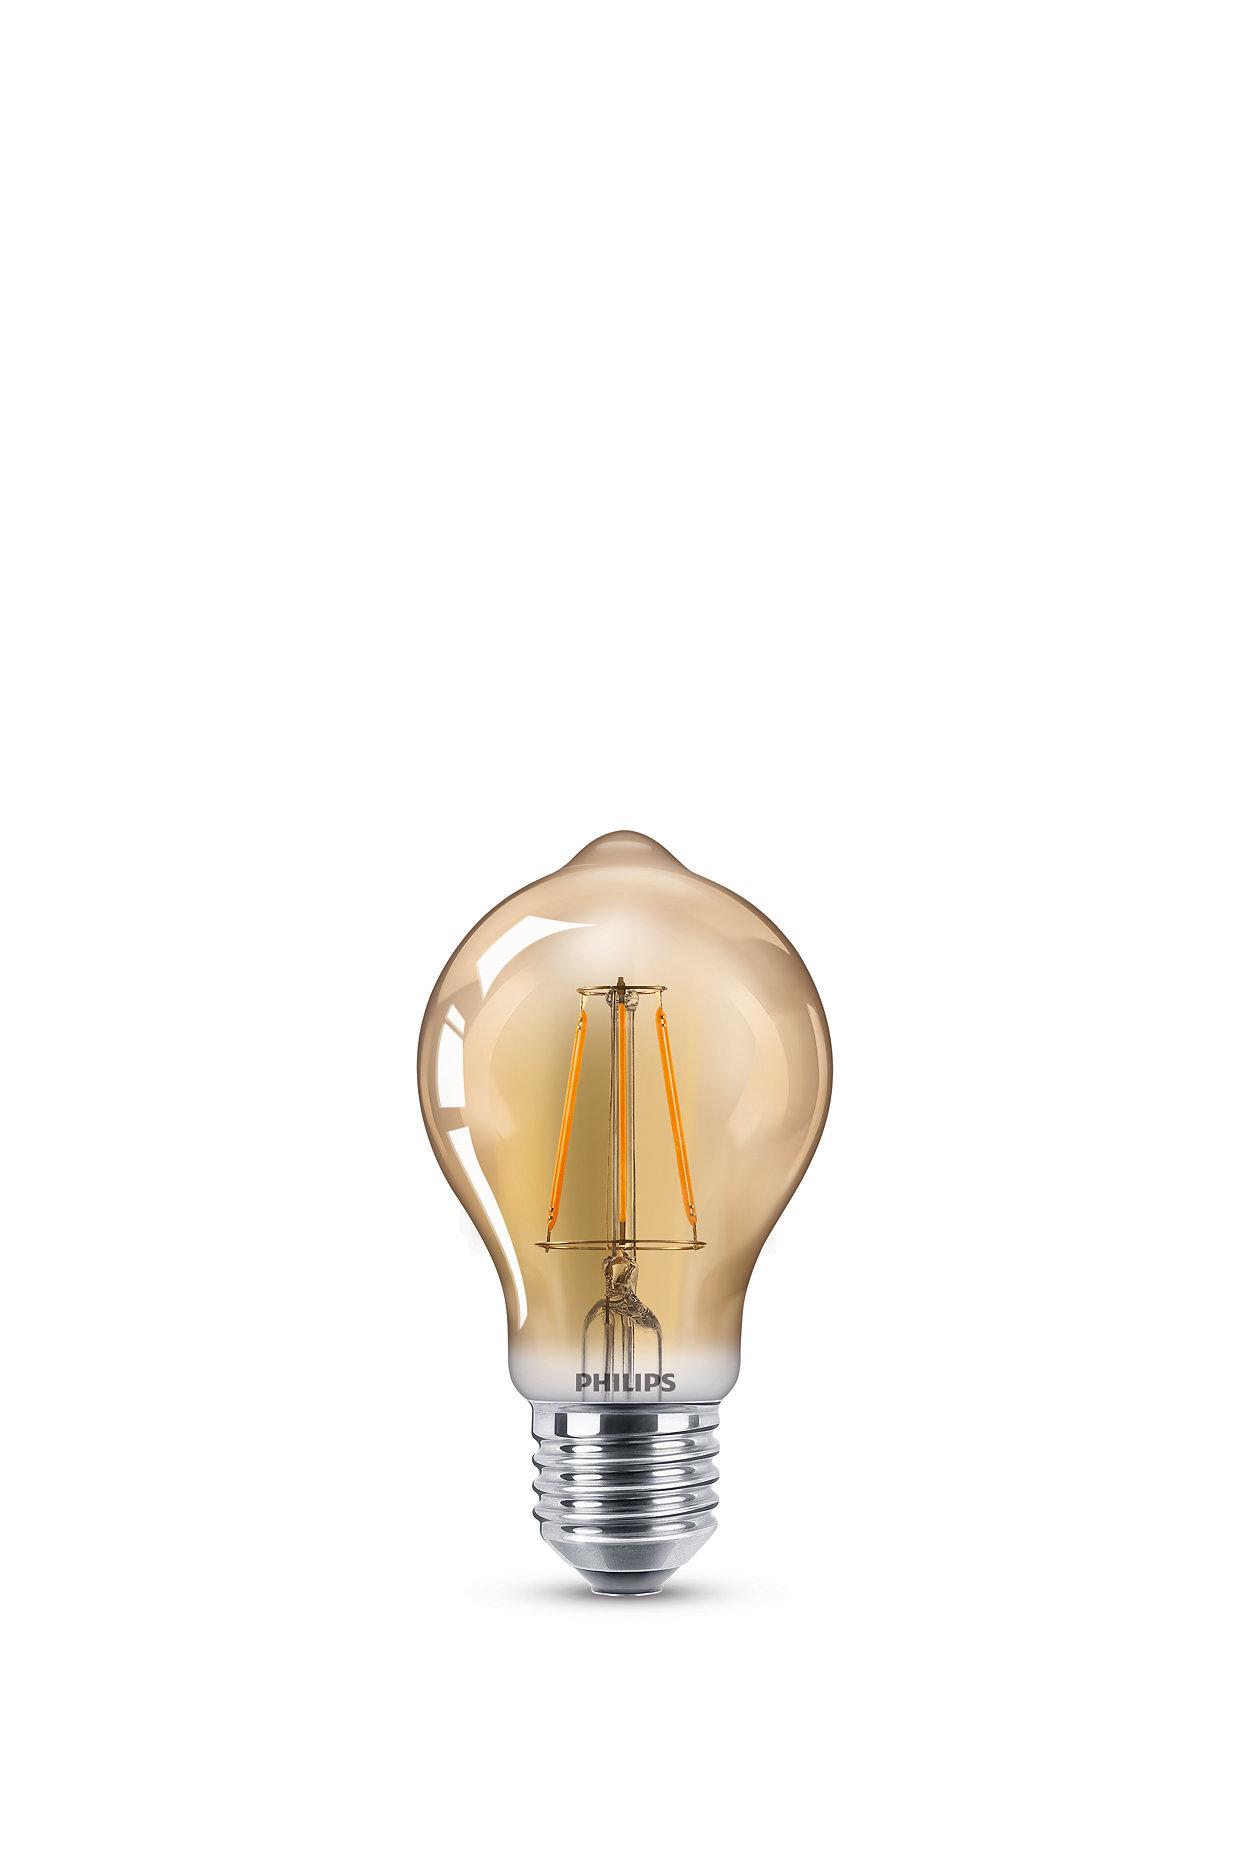 Los beneficios de LED con un look vintage familiar